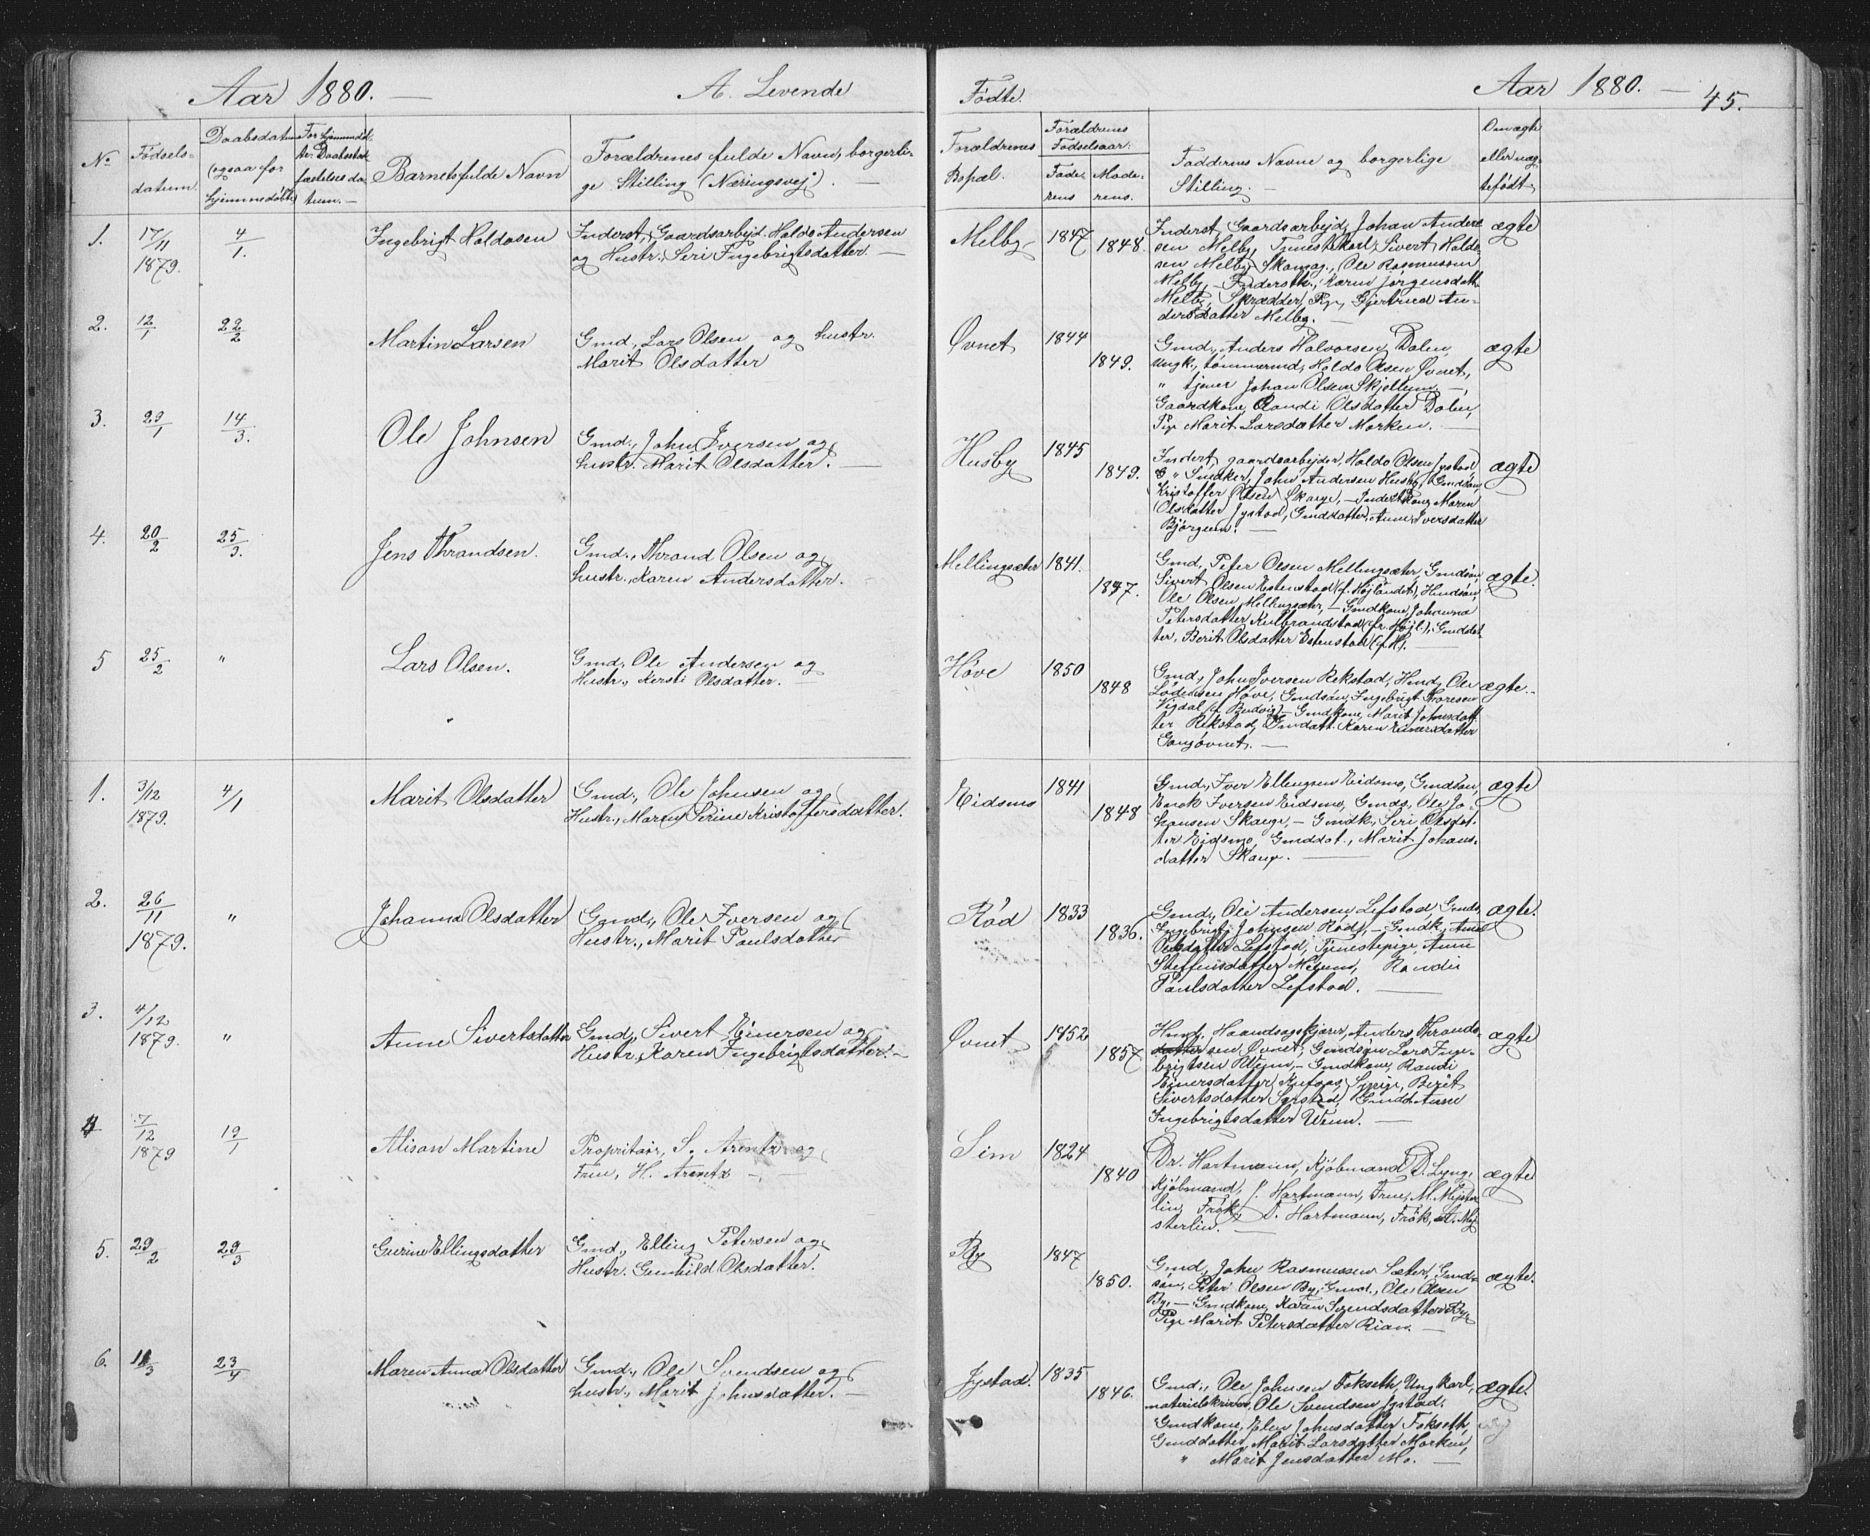 SAT, Ministerialprotokoller, klokkerbøker og fødselsregistre - Sør-Trøndelag, 667/L0798: Klokkerbok nr. 667C03, 1867-1929, s. 45